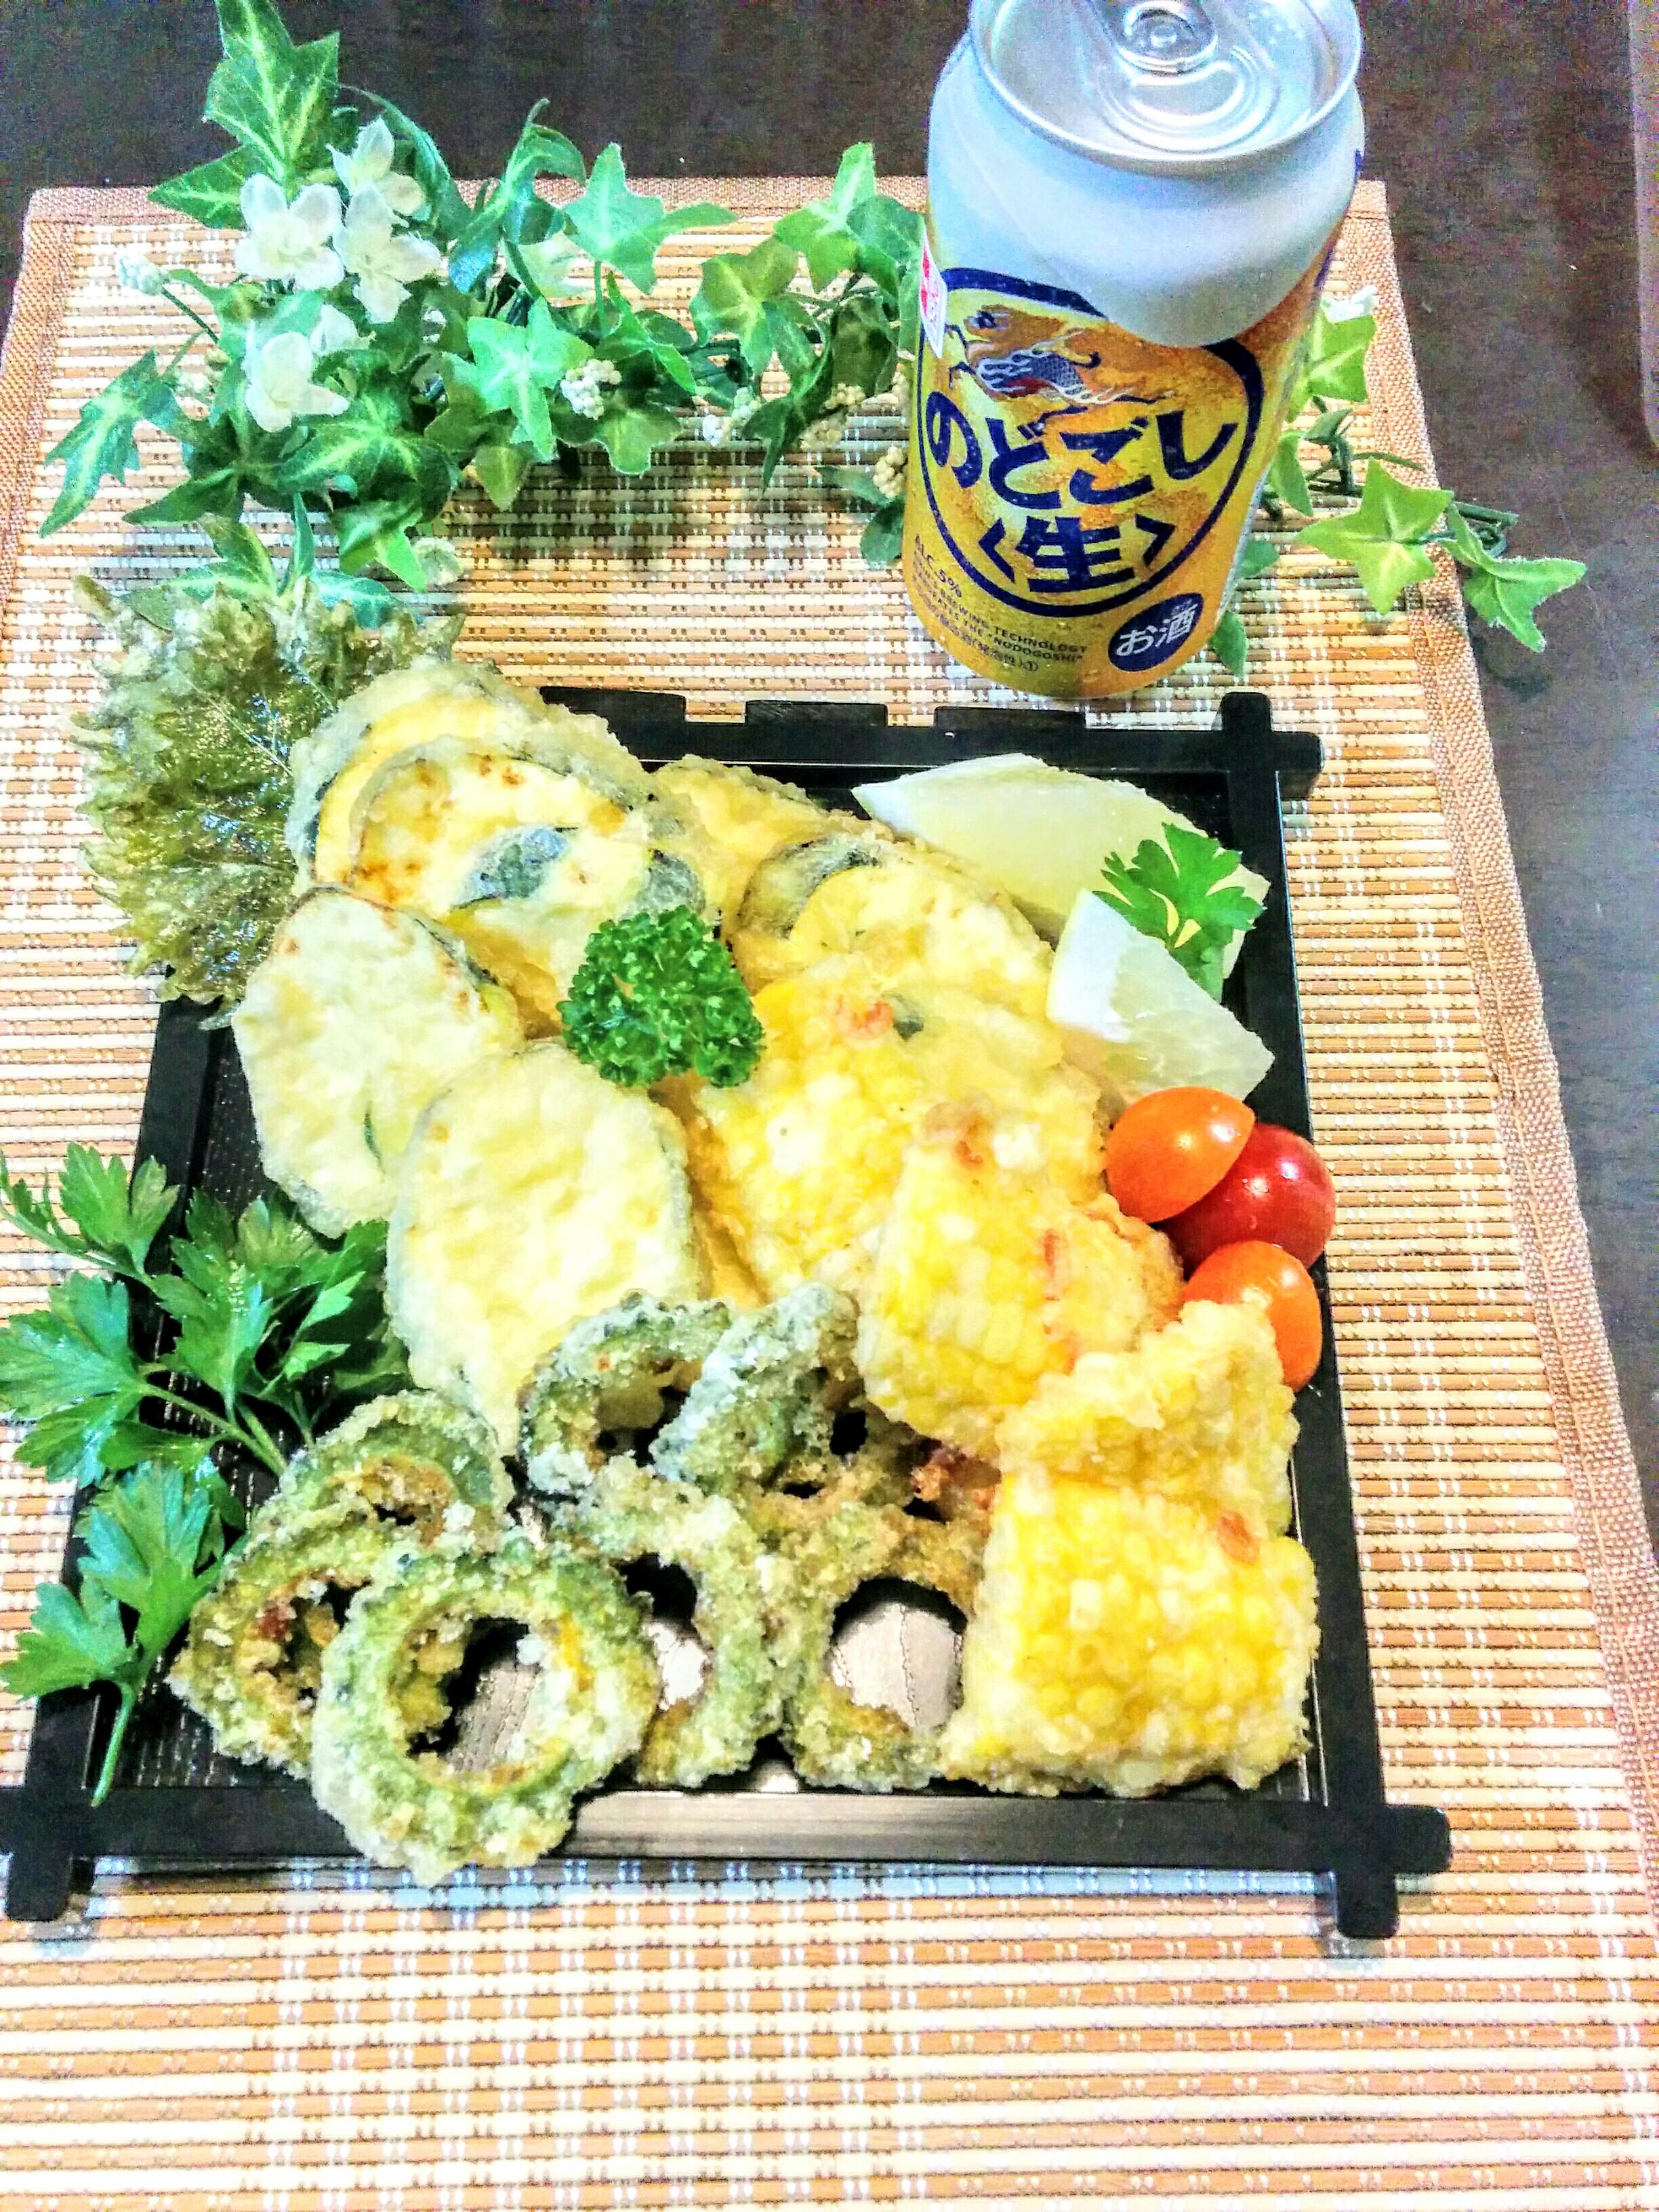 【小樽】お家御飯・ズッキーニとトウモロコシの天婦羅グルメ案内です。